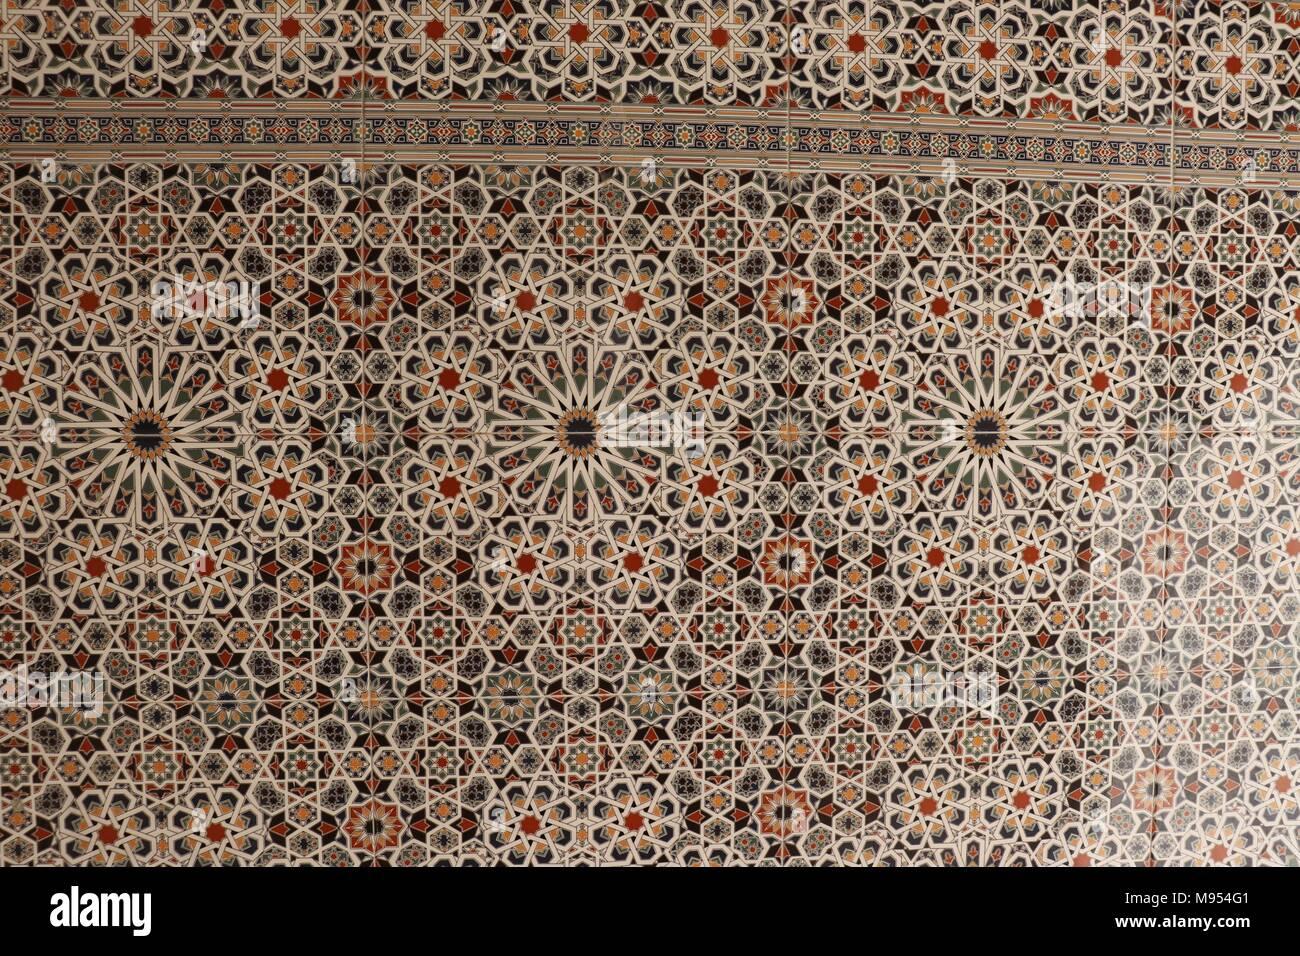 Un altamente decorativo pezzo di piastrelle marocchine foto